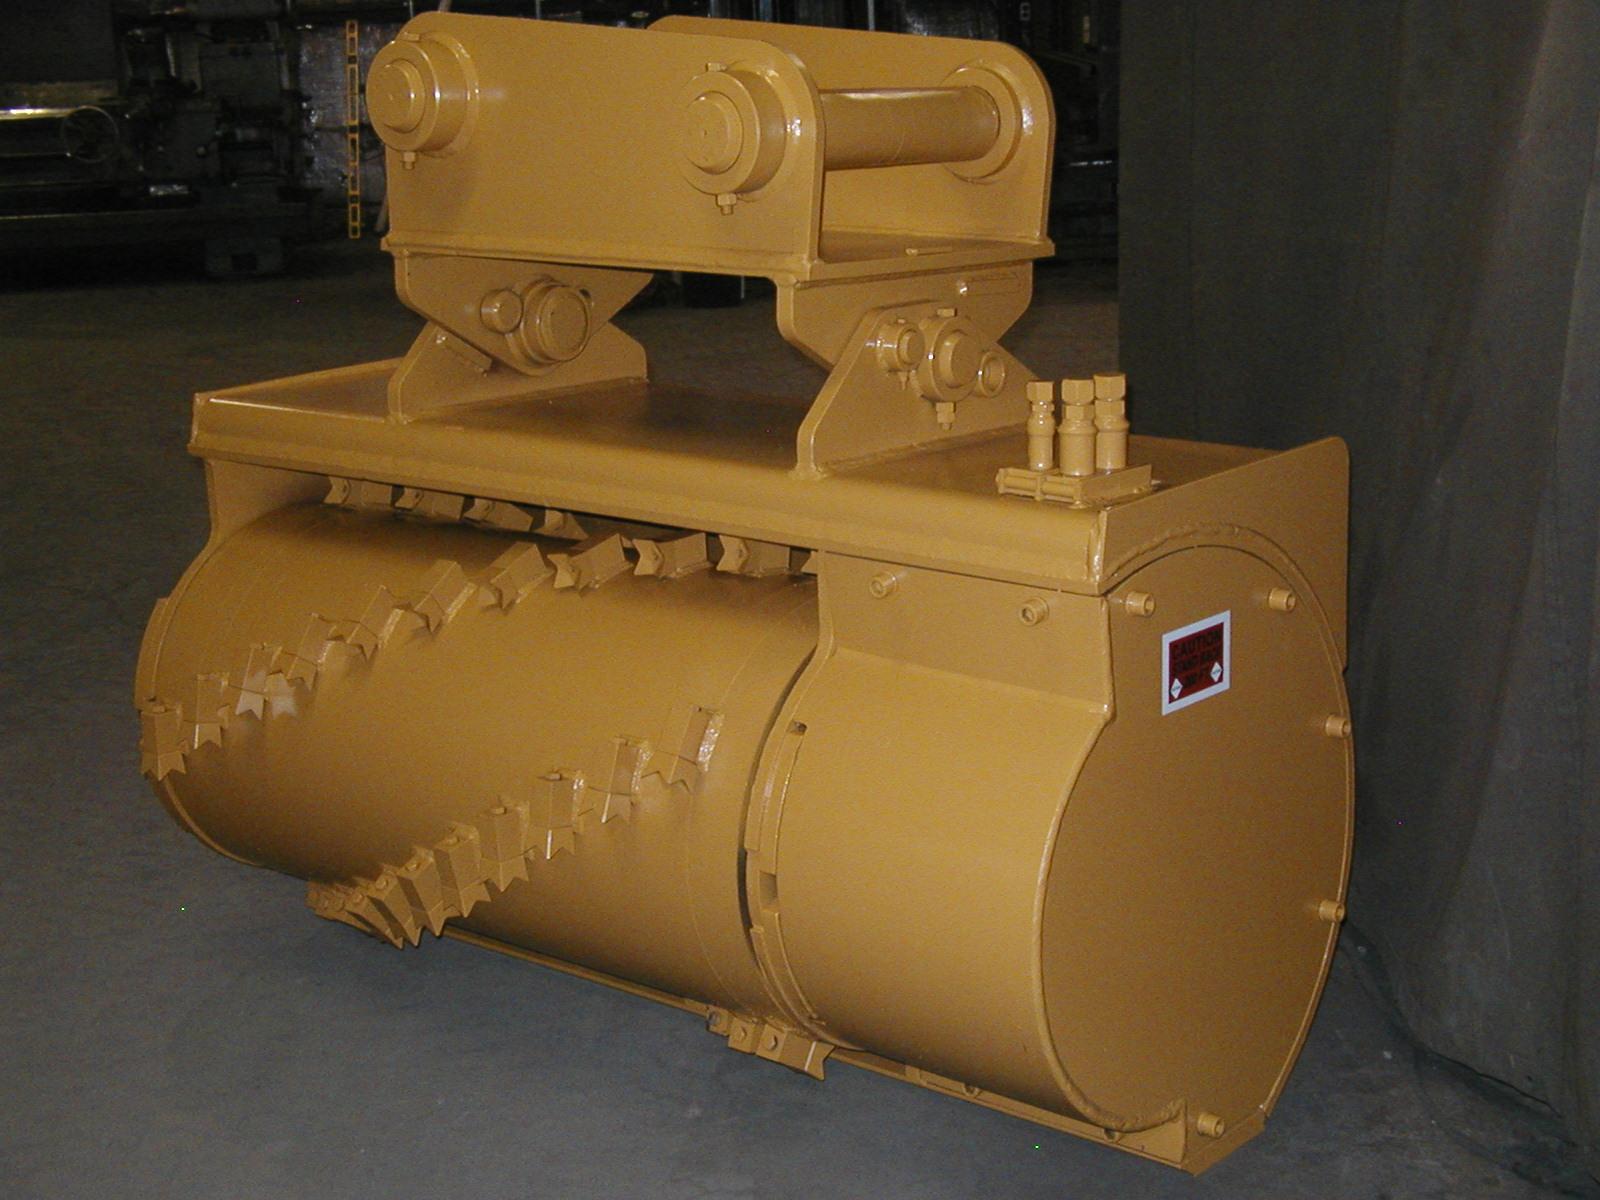 Model 1100 drum grinder